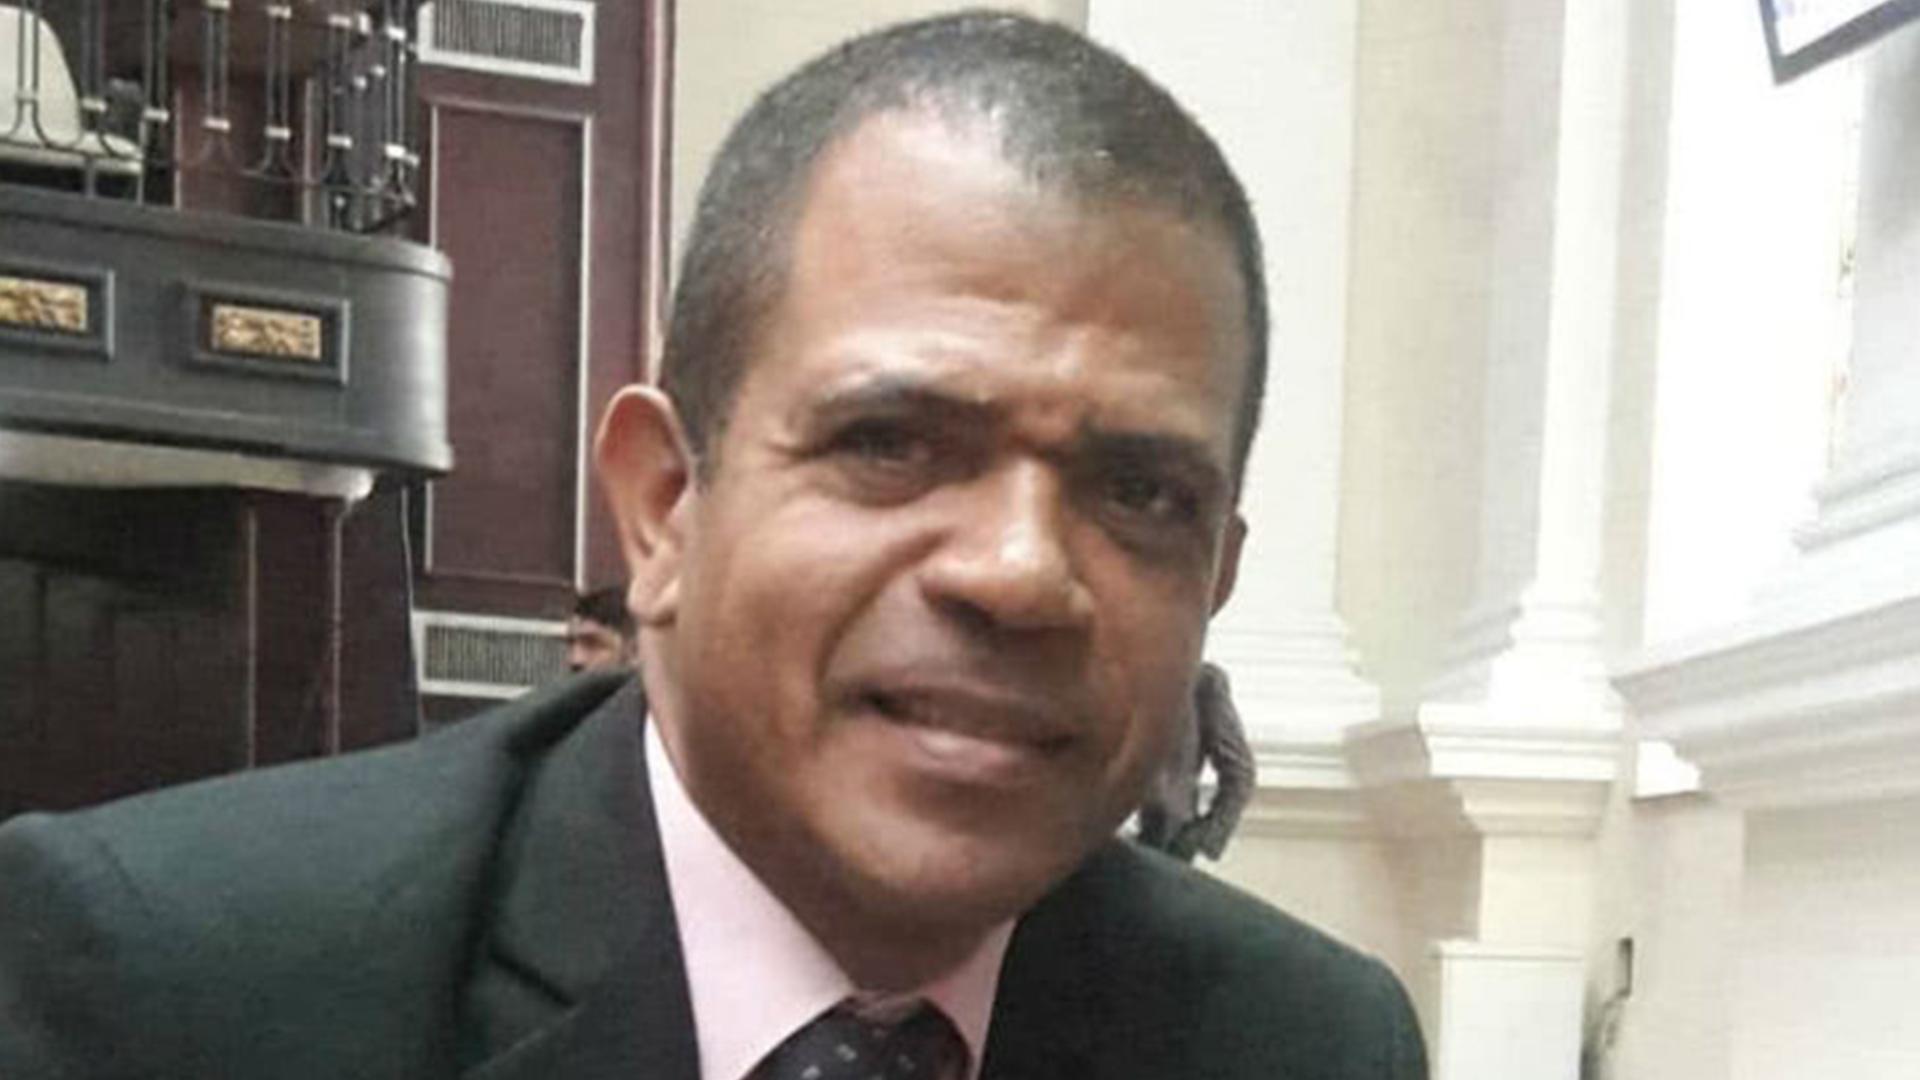 PERFIL | José Gregorio Noriega, el diputado que Voluntad Popular acusa de